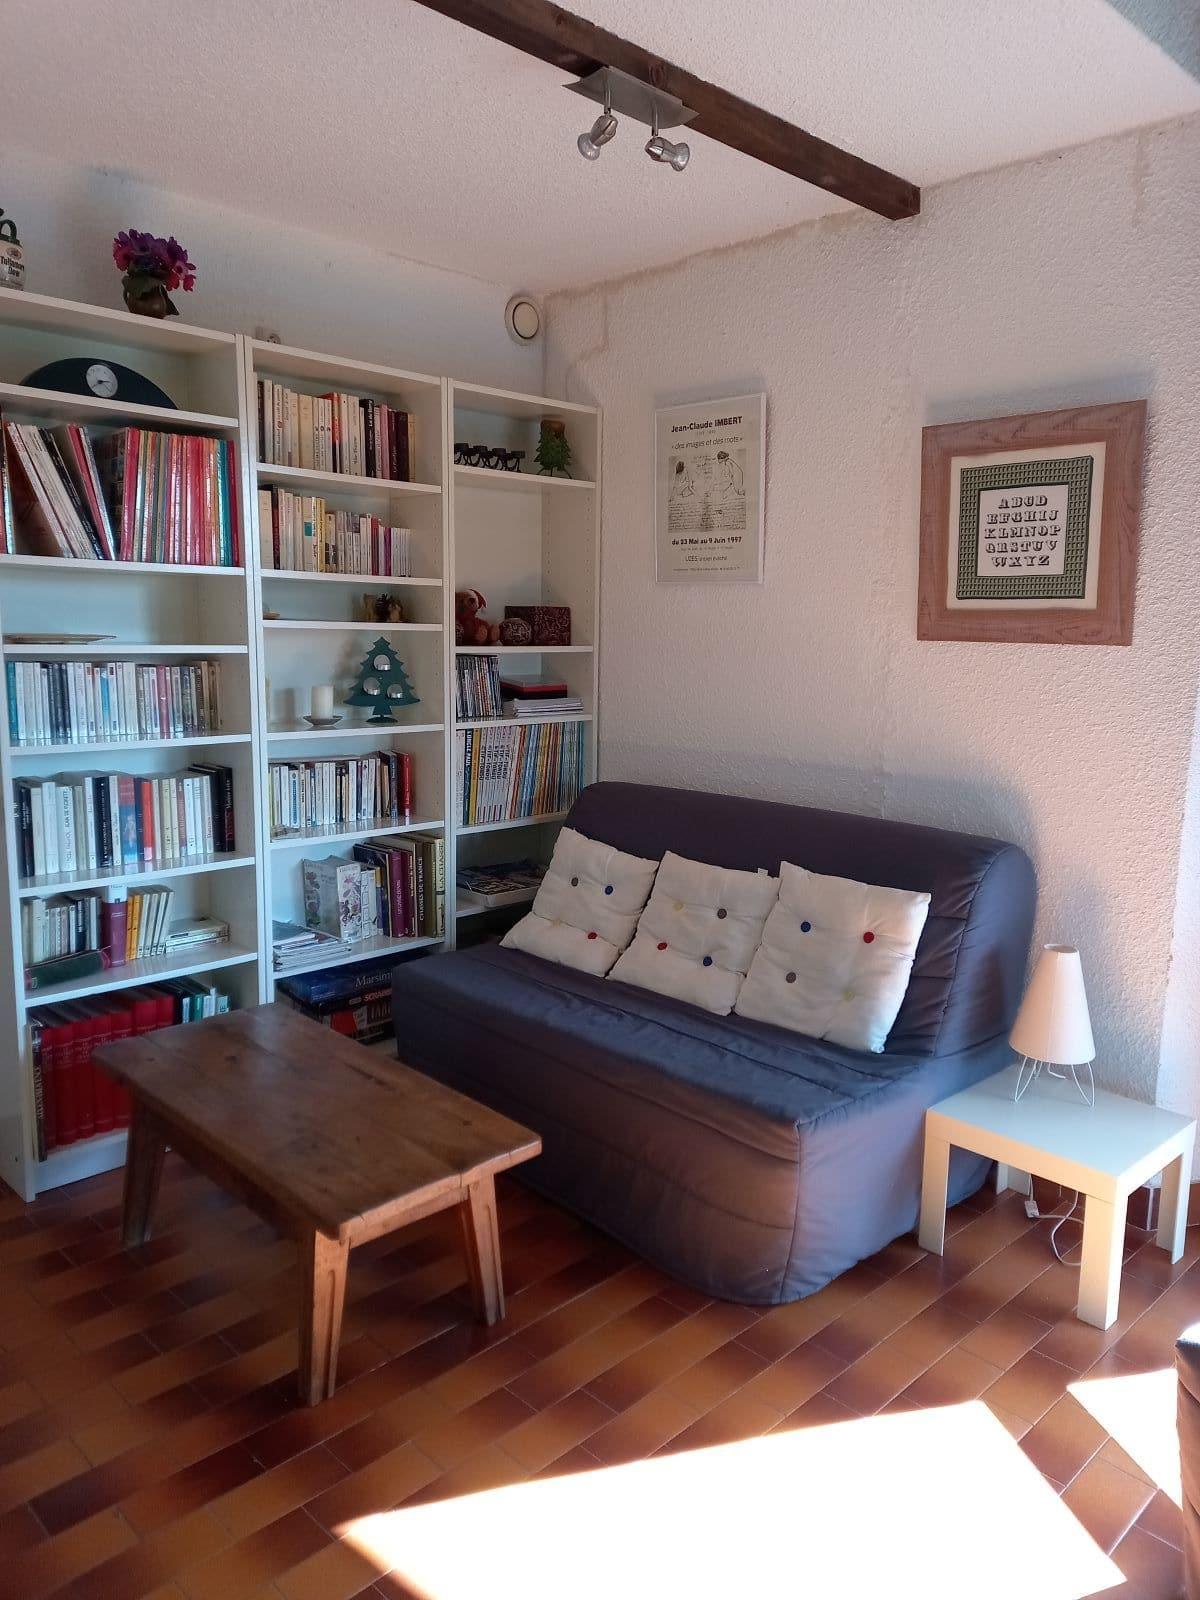 20211011 143428 - ANCELLE T3 DE 47 m² (8 COUCHAGES) AVEC TROIS BALCONS